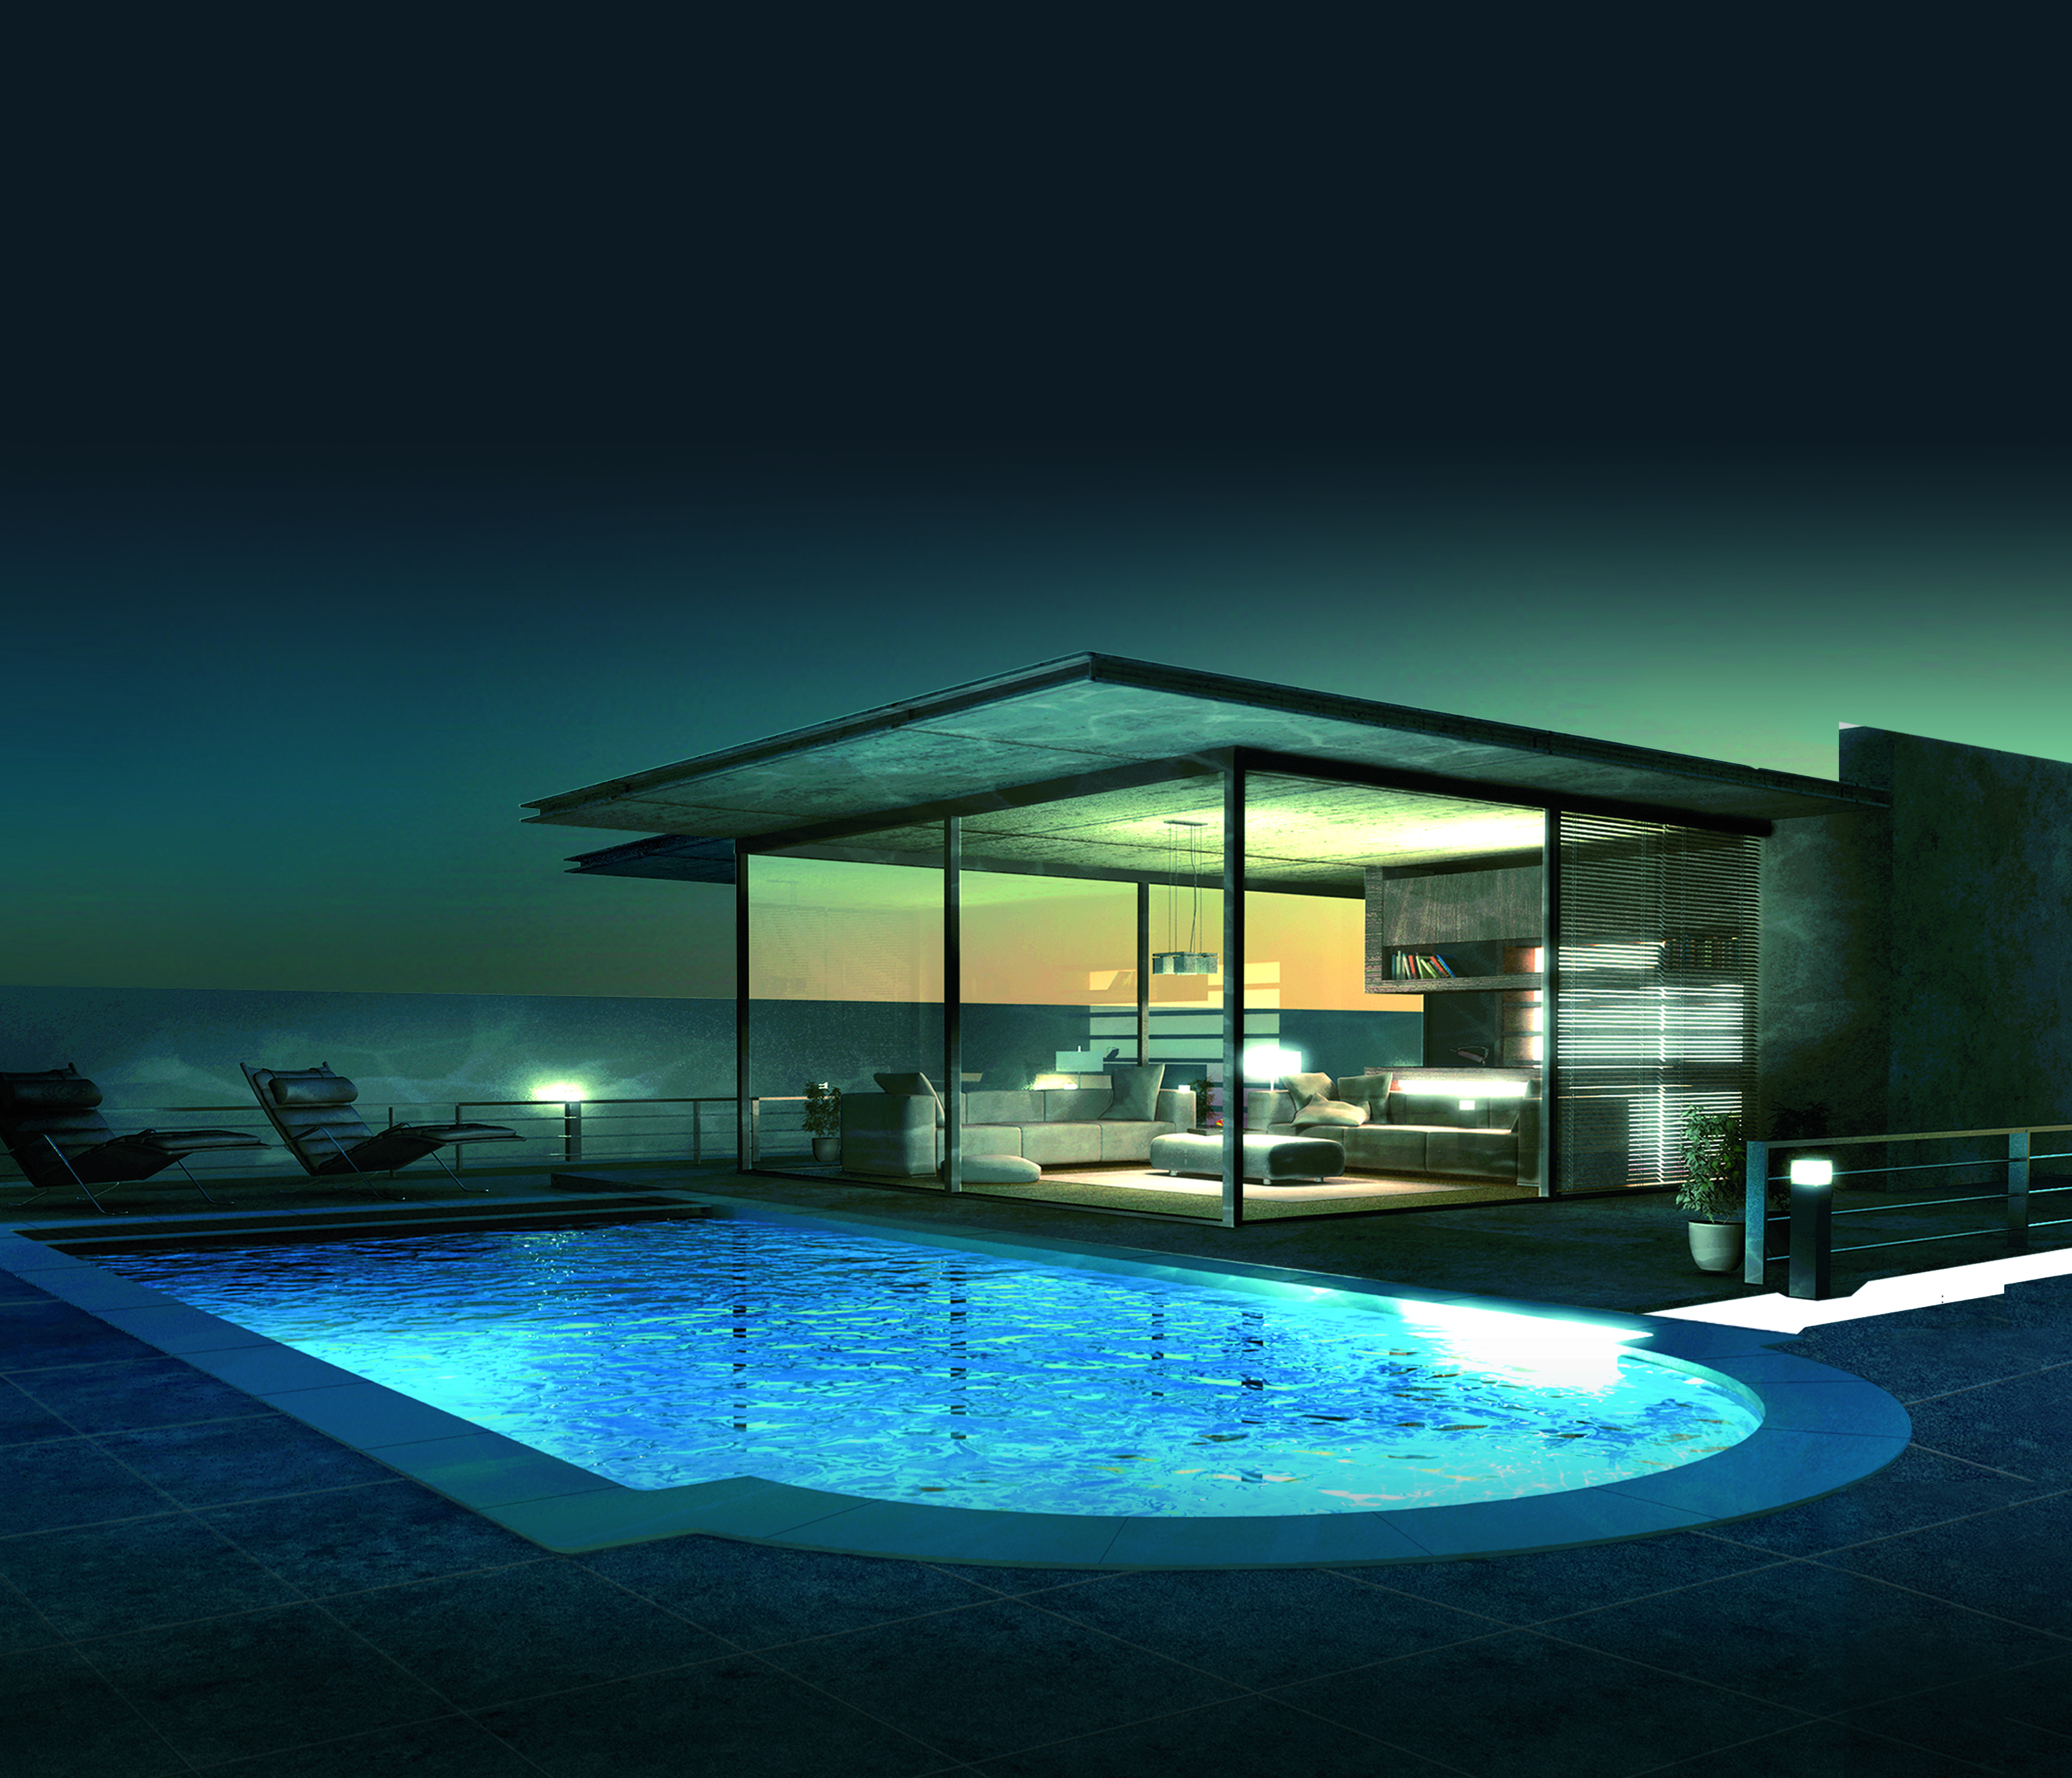 Faire Construire Une Piscine Intérieure piscine intérieure ou plonger 365 jours par an - lpw pools